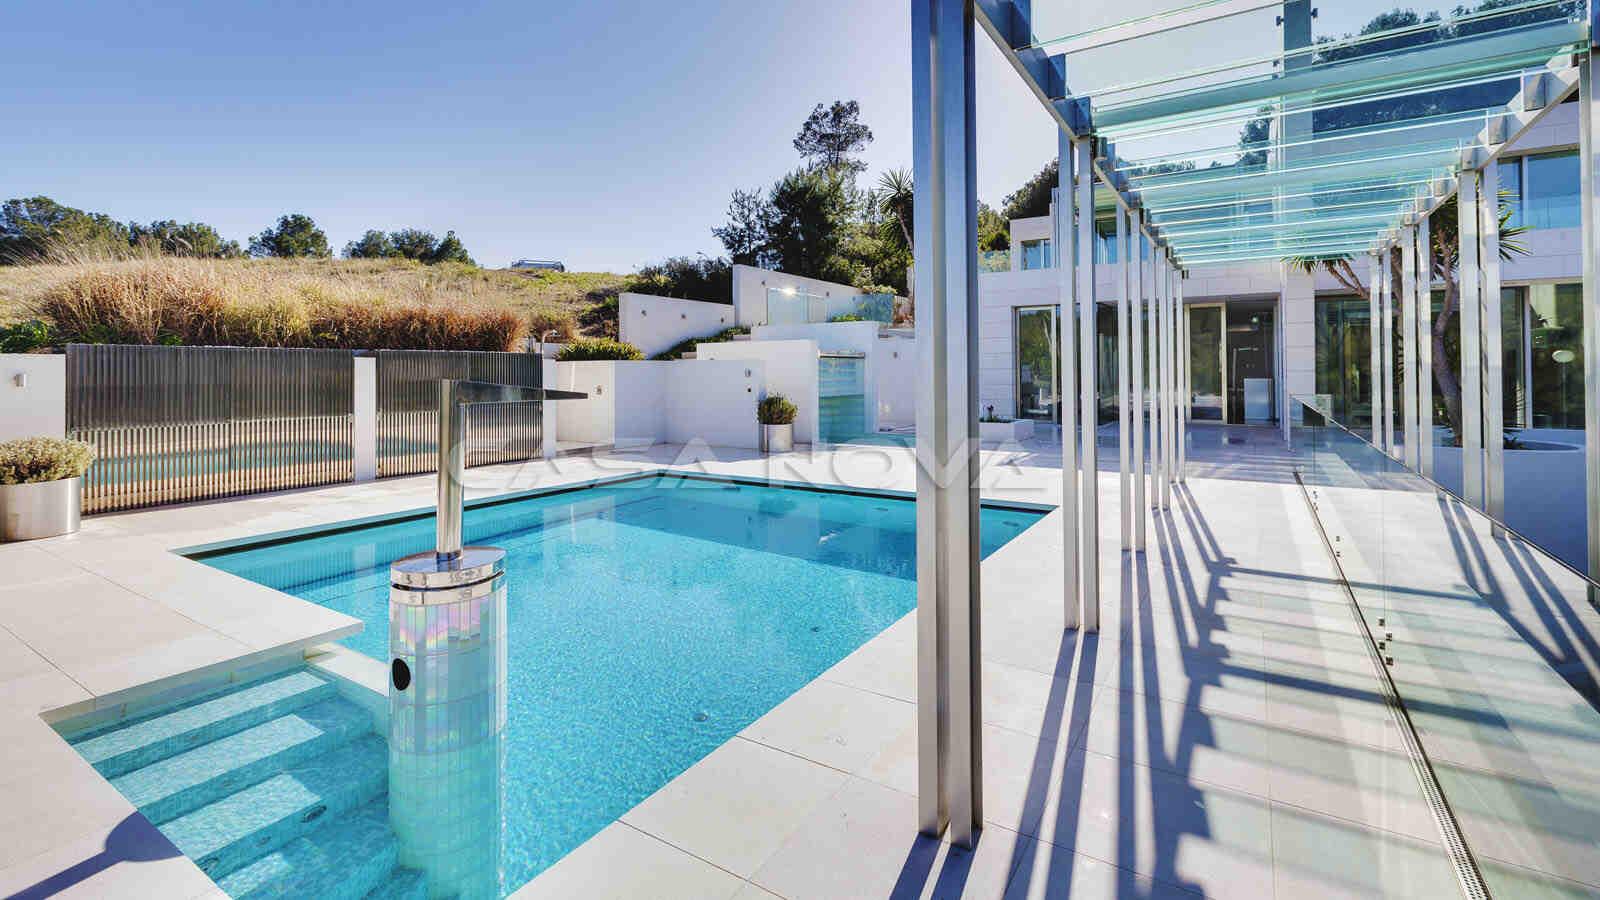 Edel gestalteter Aussenbereich der Luxus Immobilie Mallorca